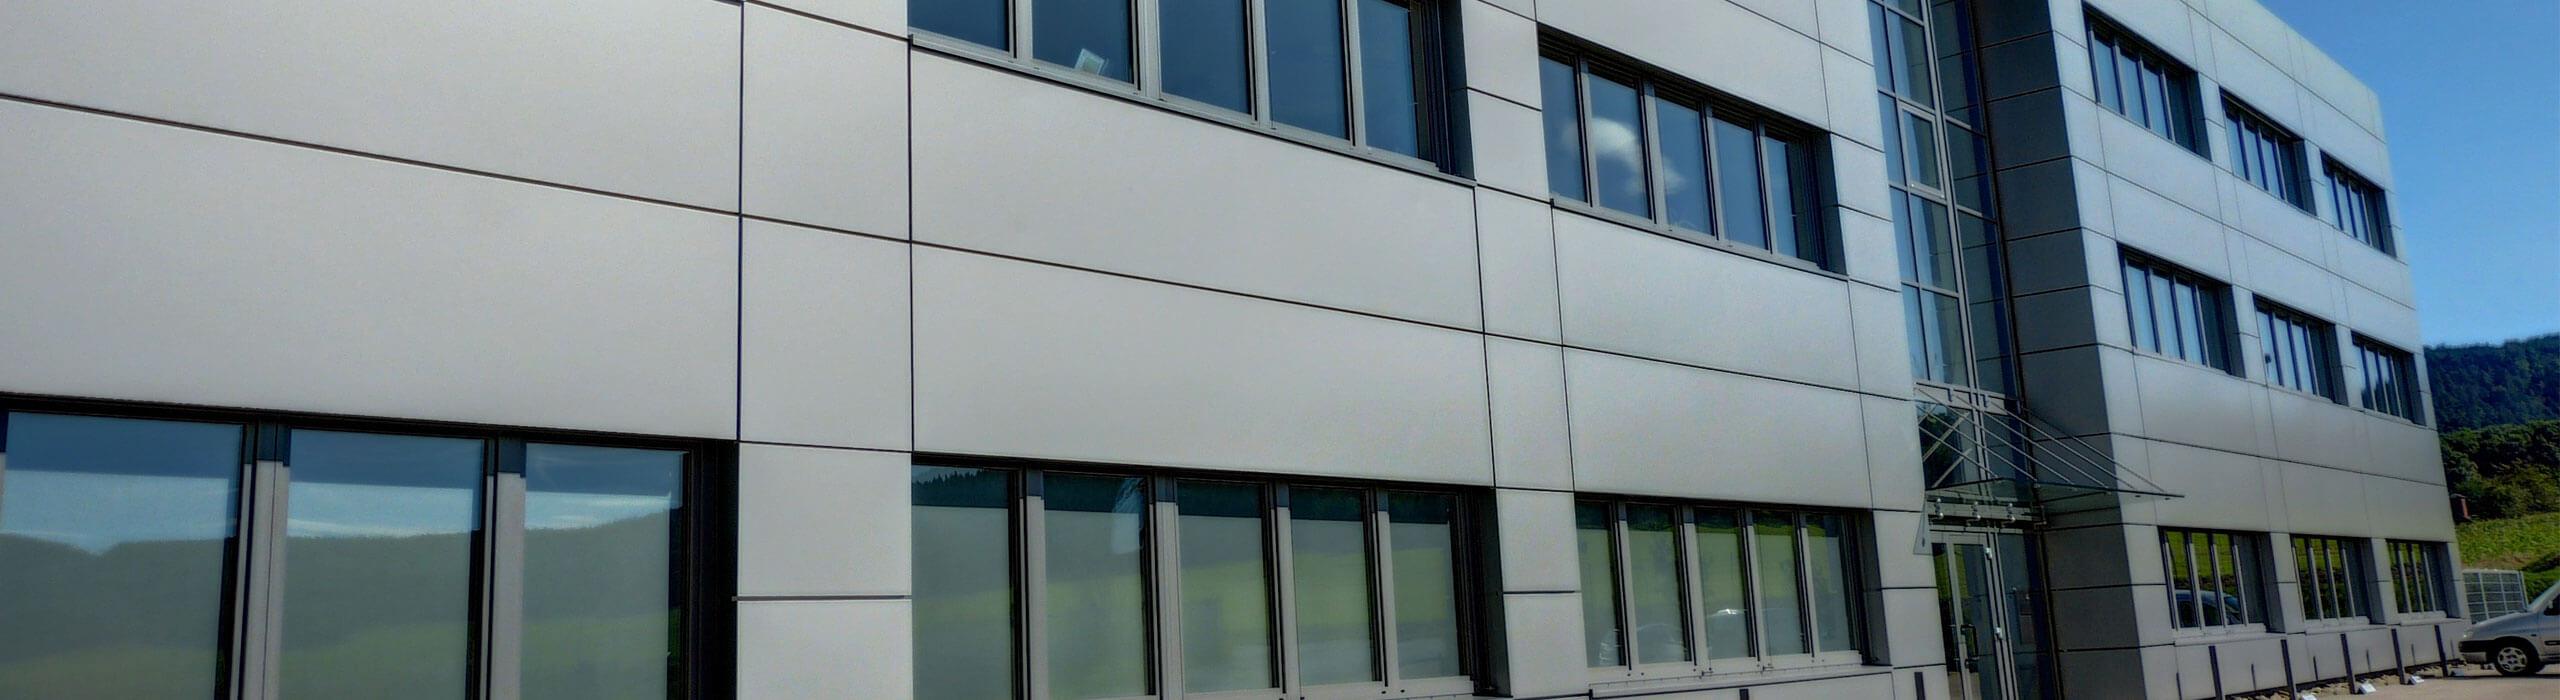 RSB-Stahl-Rationelle-Stahlbearbeitung-Startseite-Header_Bild-2560x700